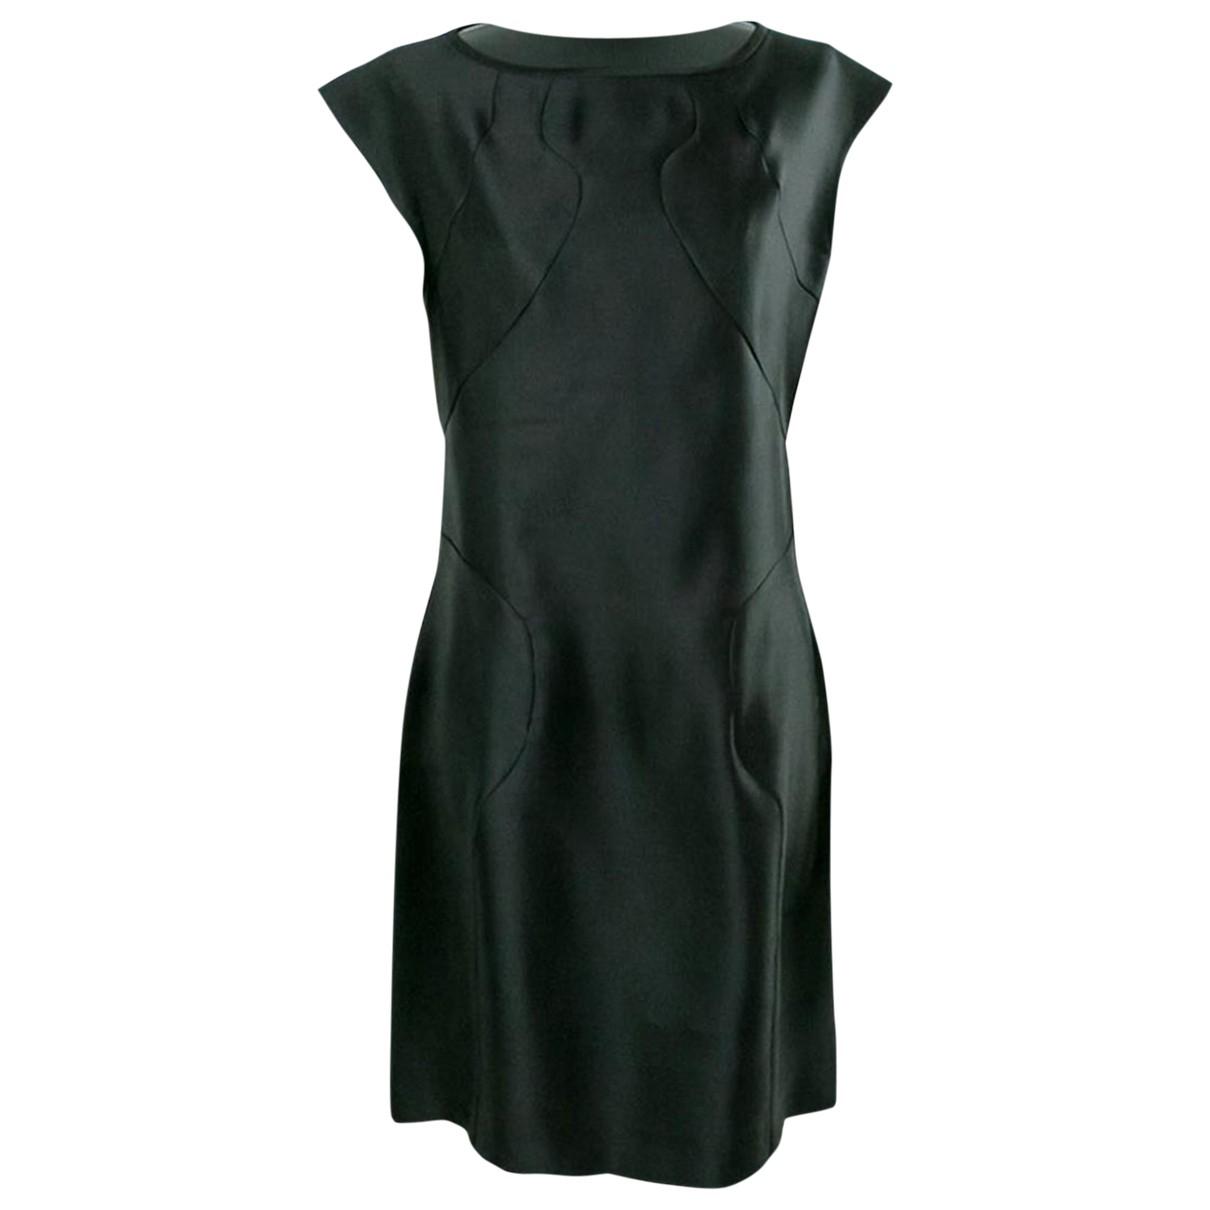 Miu Miu N Black dress for Women 42 IT